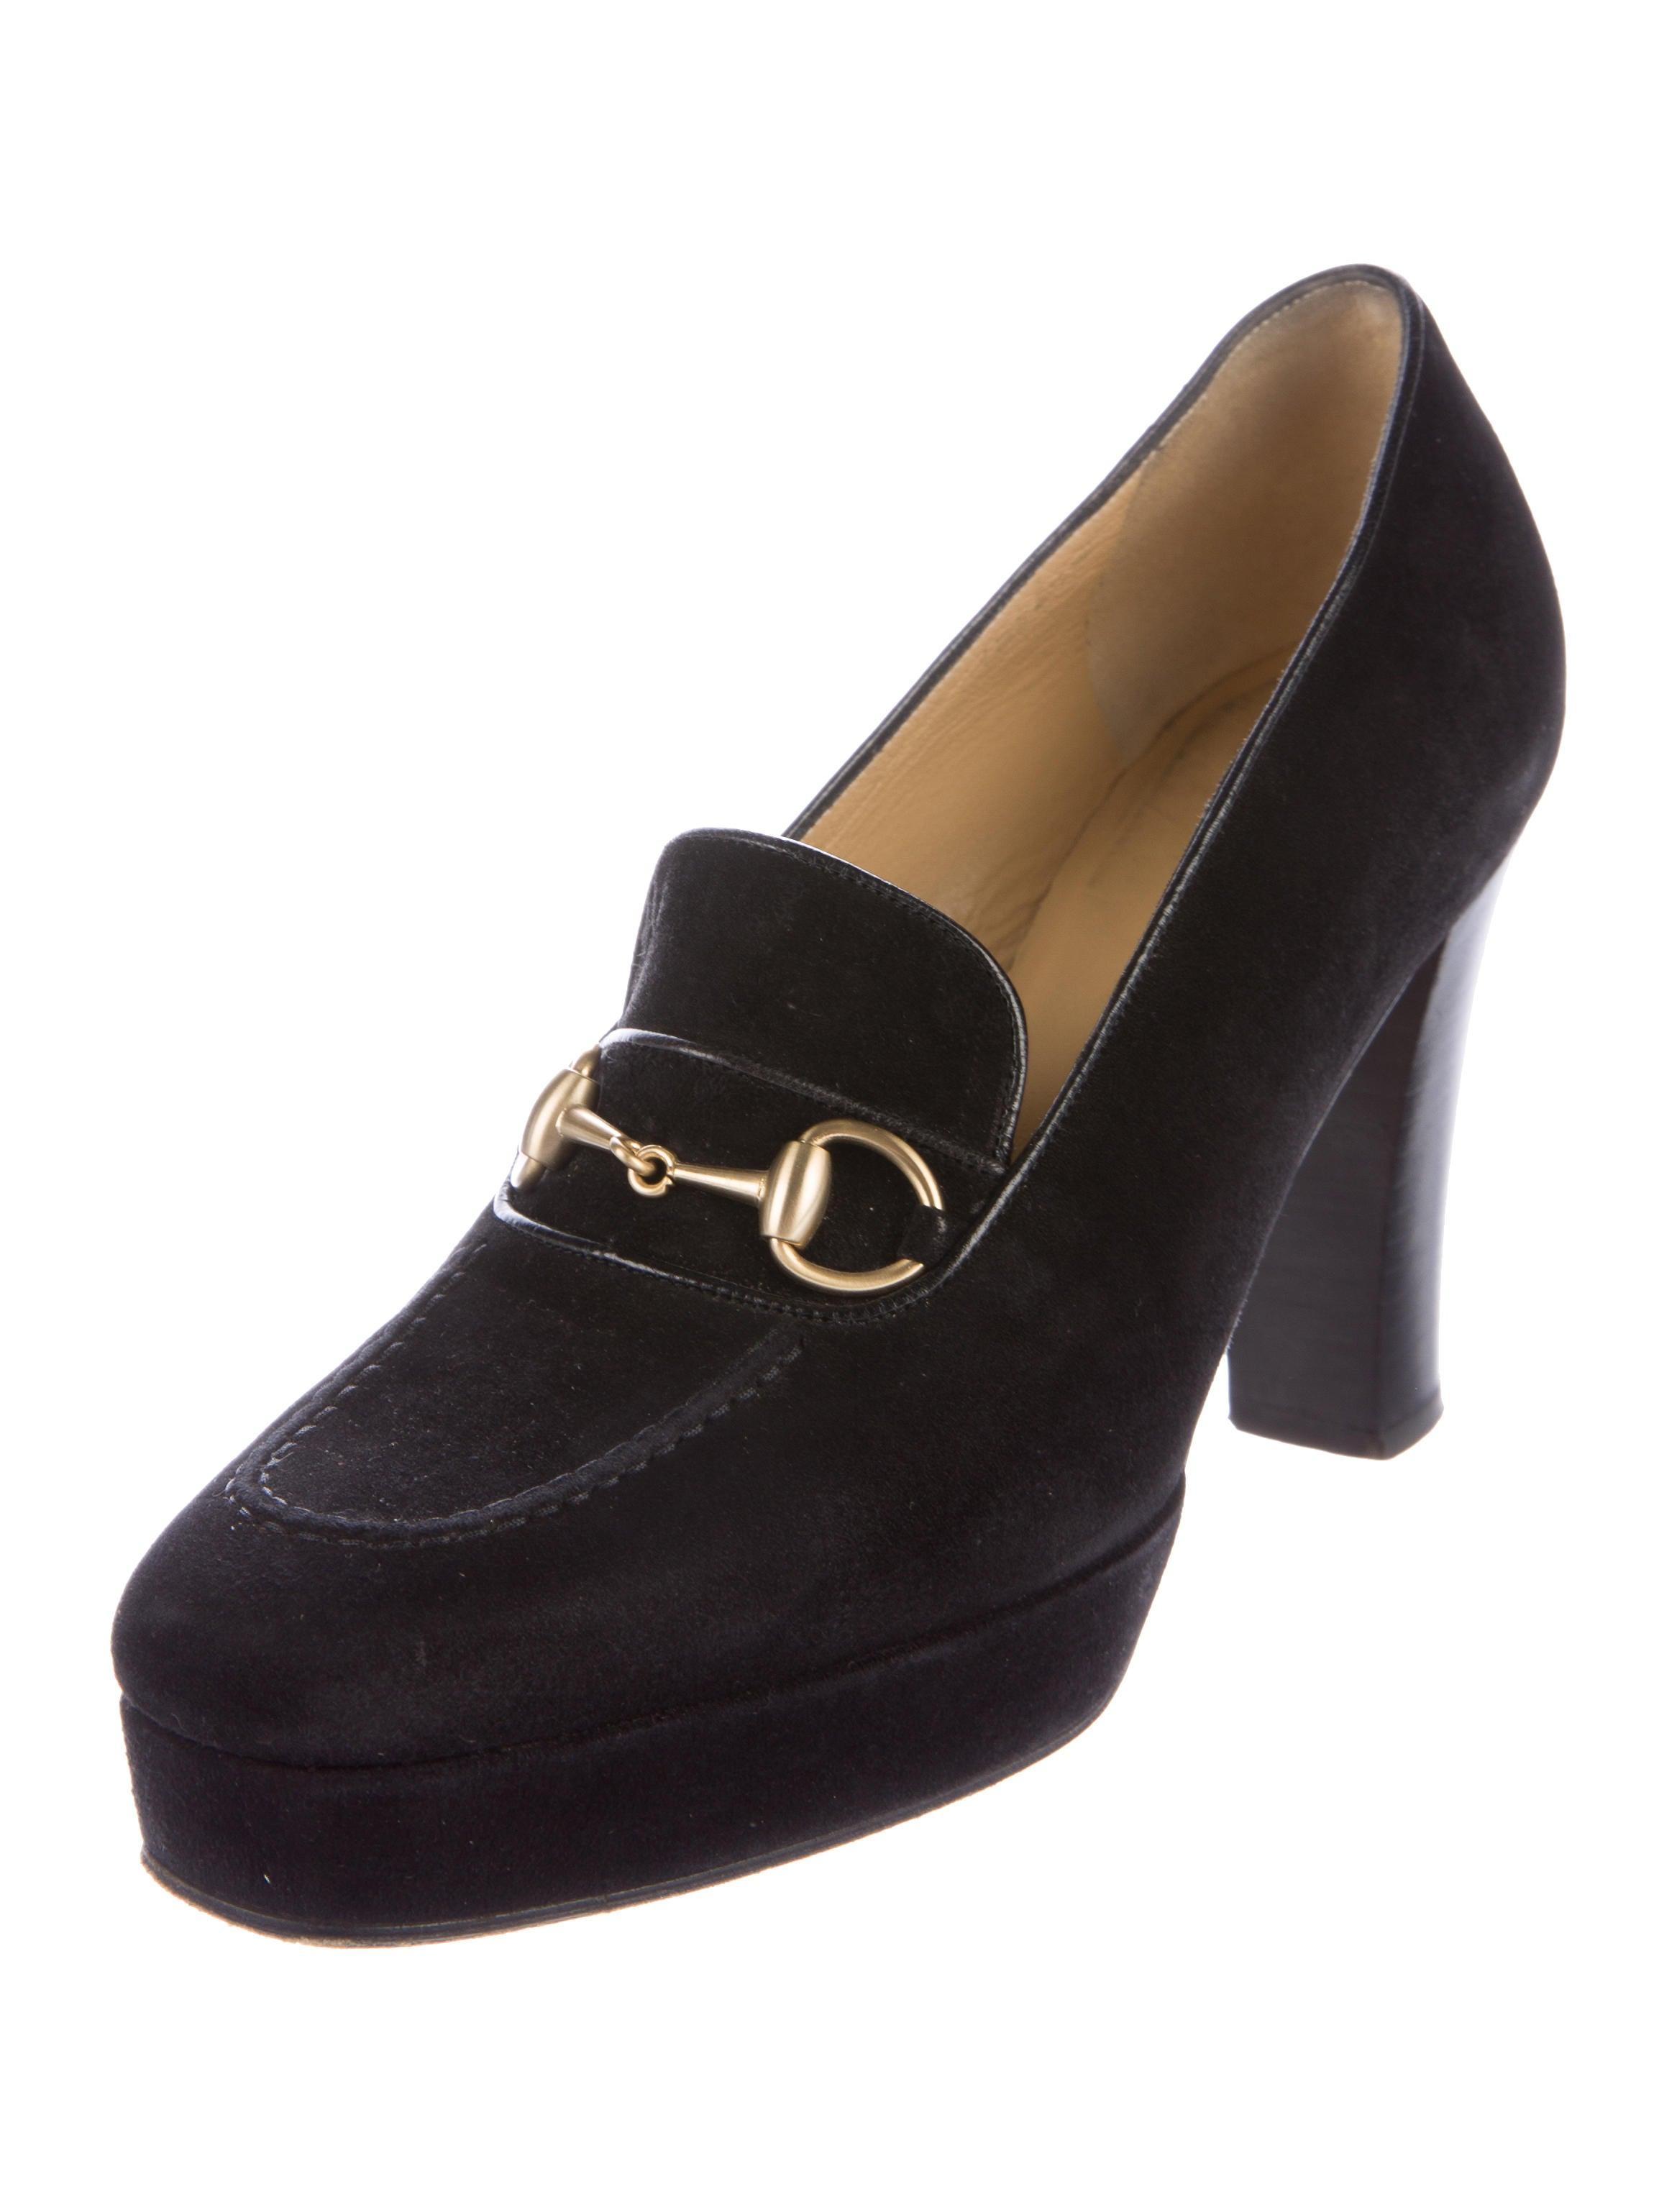 Boos Kitchen Islands Sale Loafer Pumps Heels 28 Images Prada Loafer Pumps Shoes